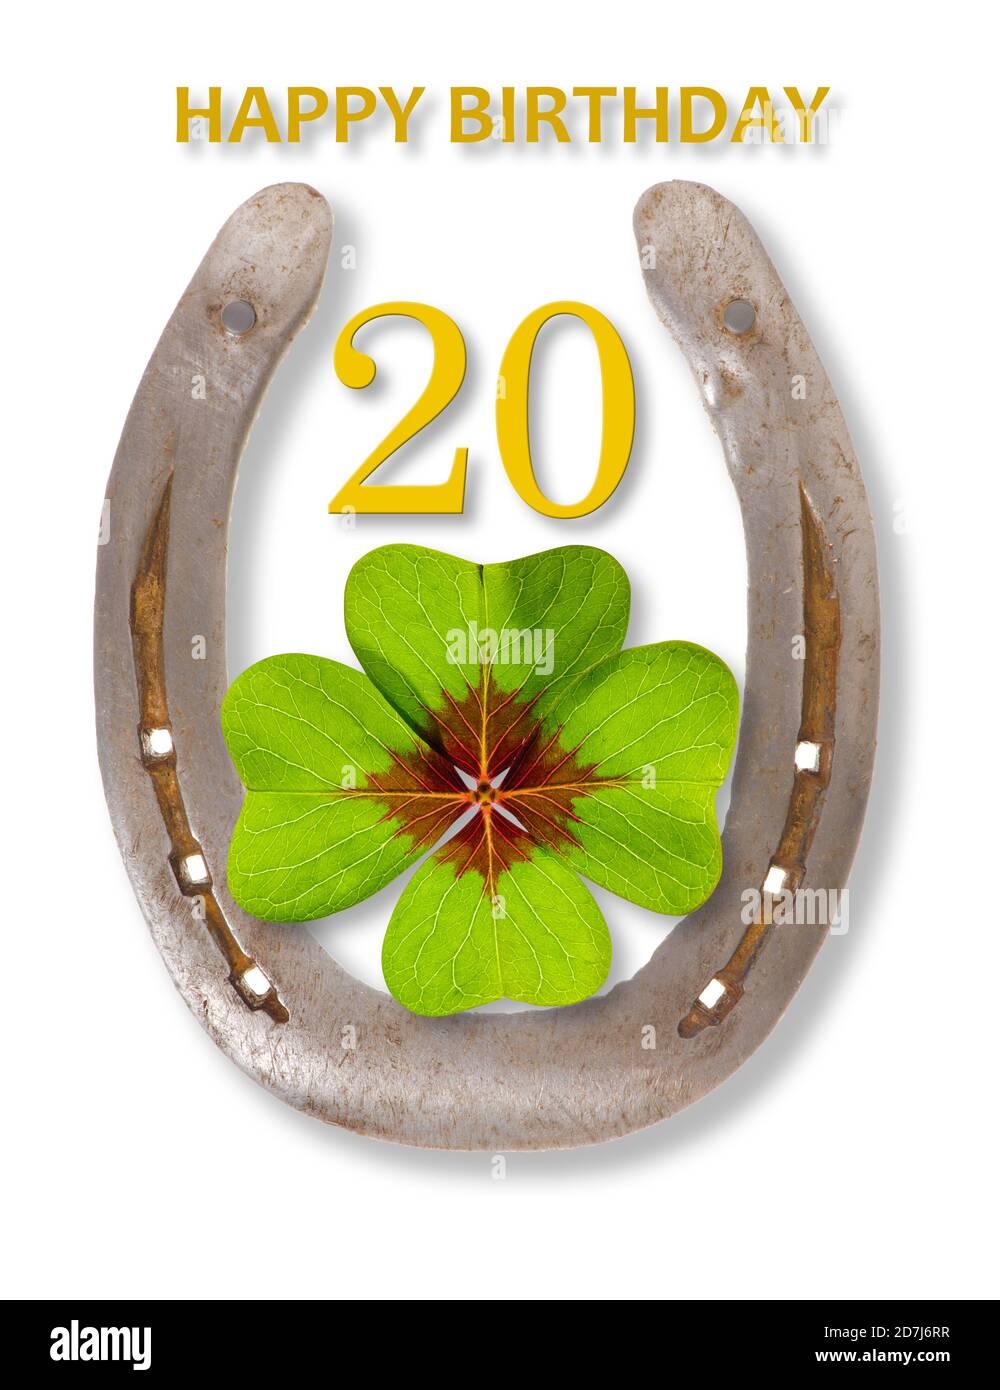 Zum 20 glückwünsche Geburtstagswünsche und